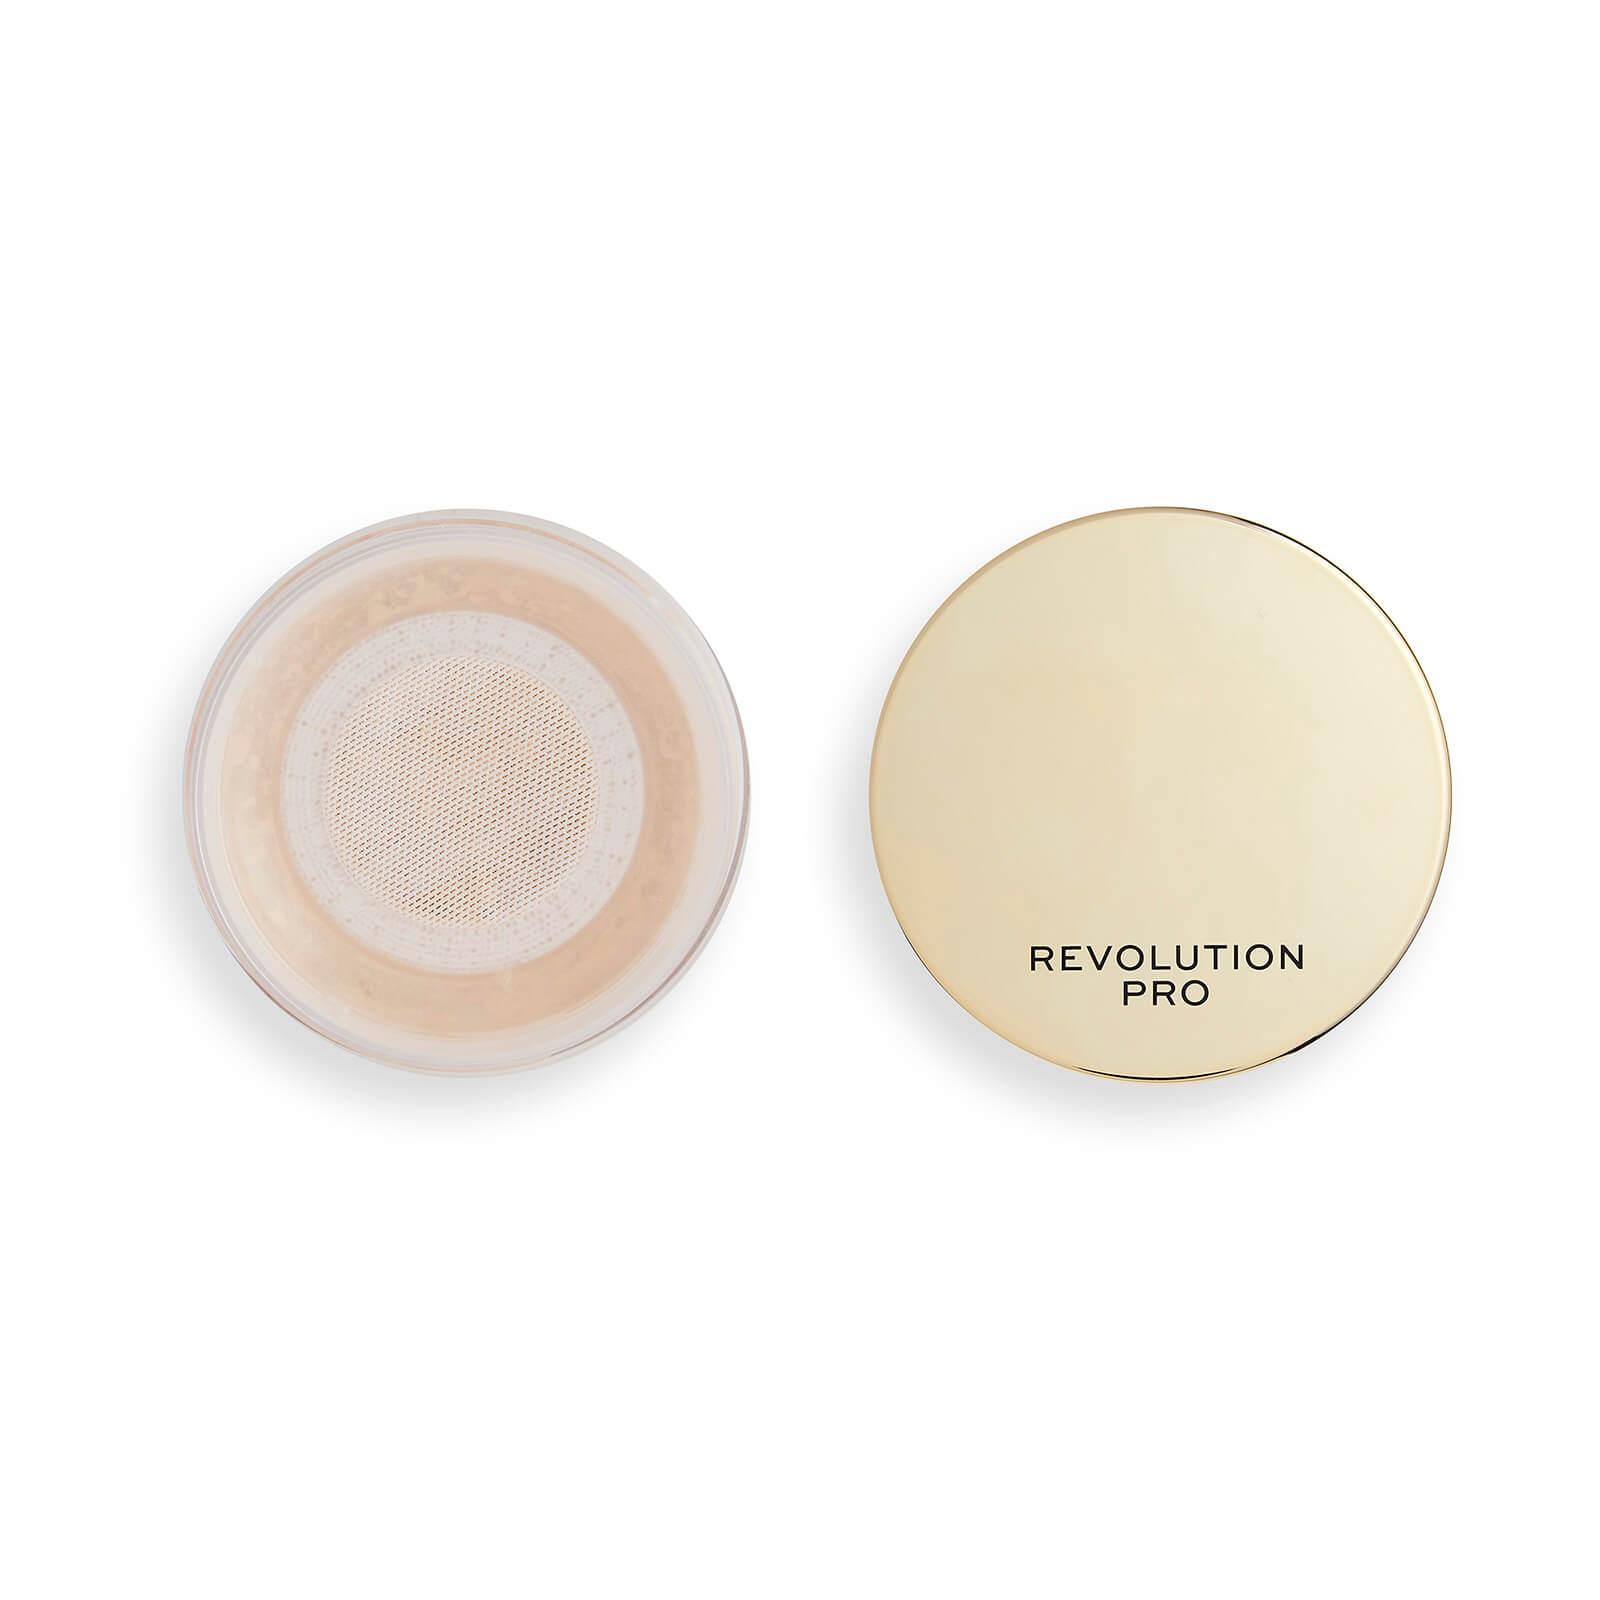 Купить Revolution Pro Goddess Glow Finishing Powder - Radiate 6g